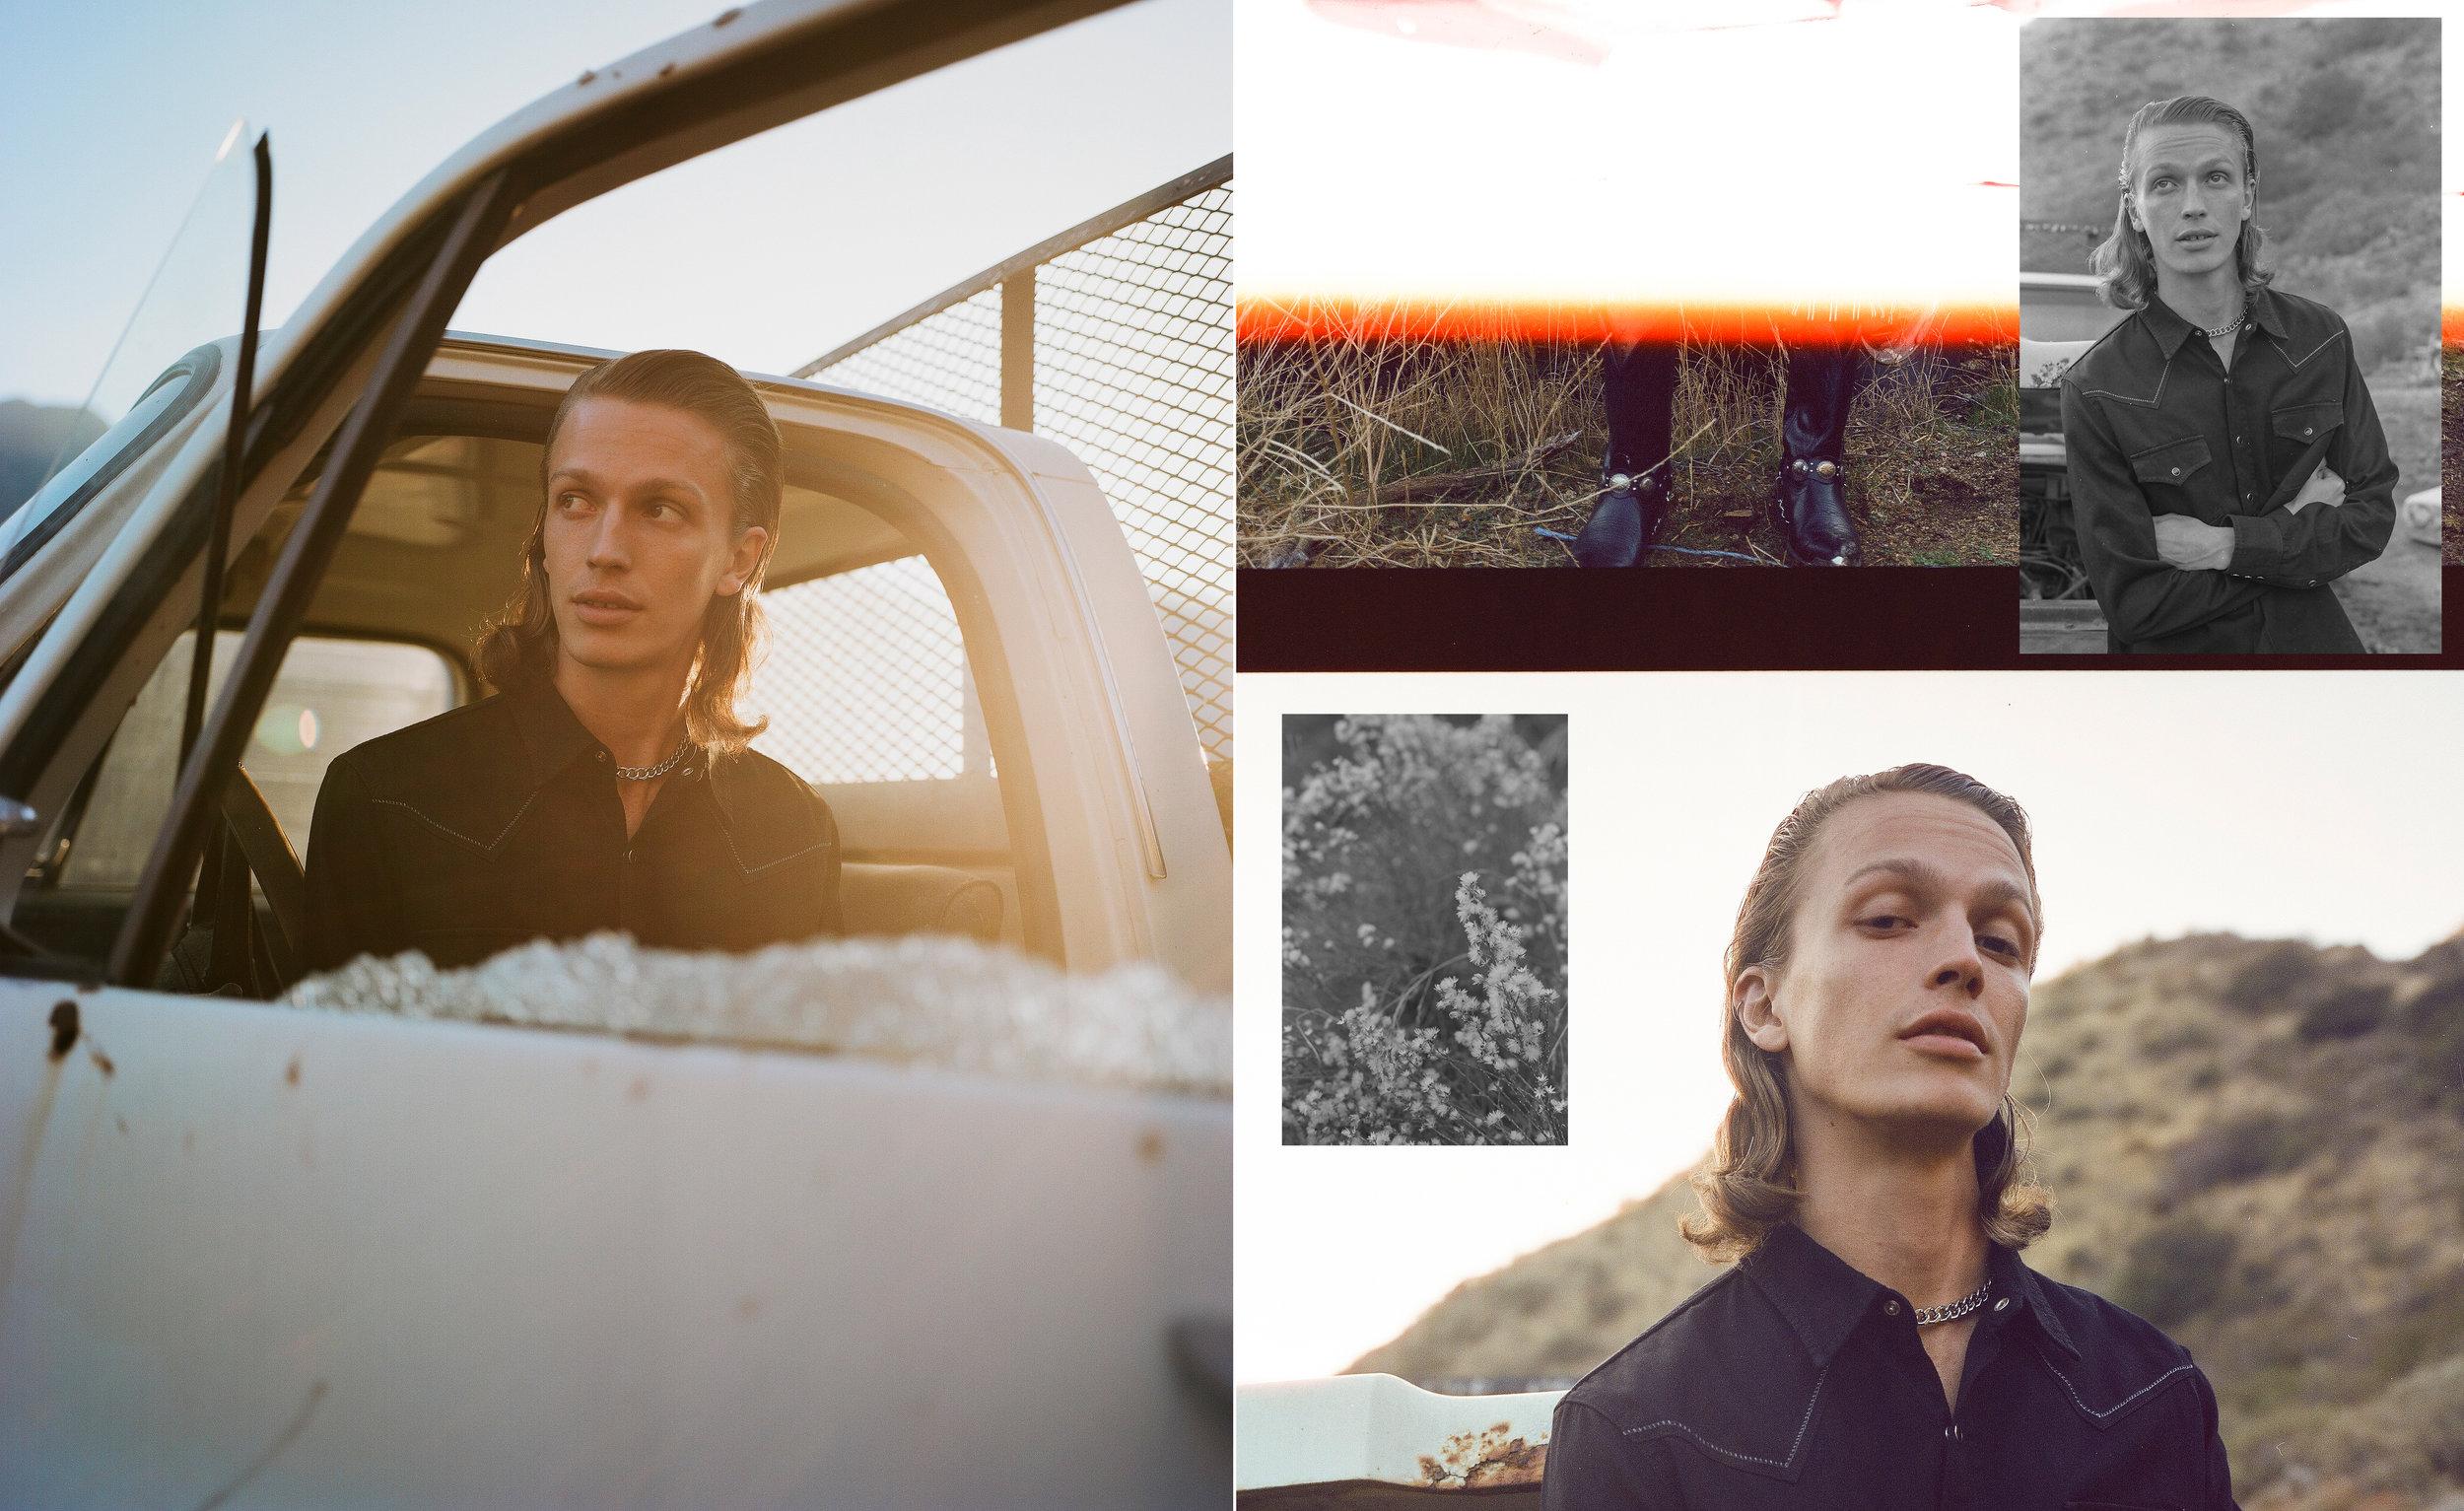 Lucas_Film-7.jpg